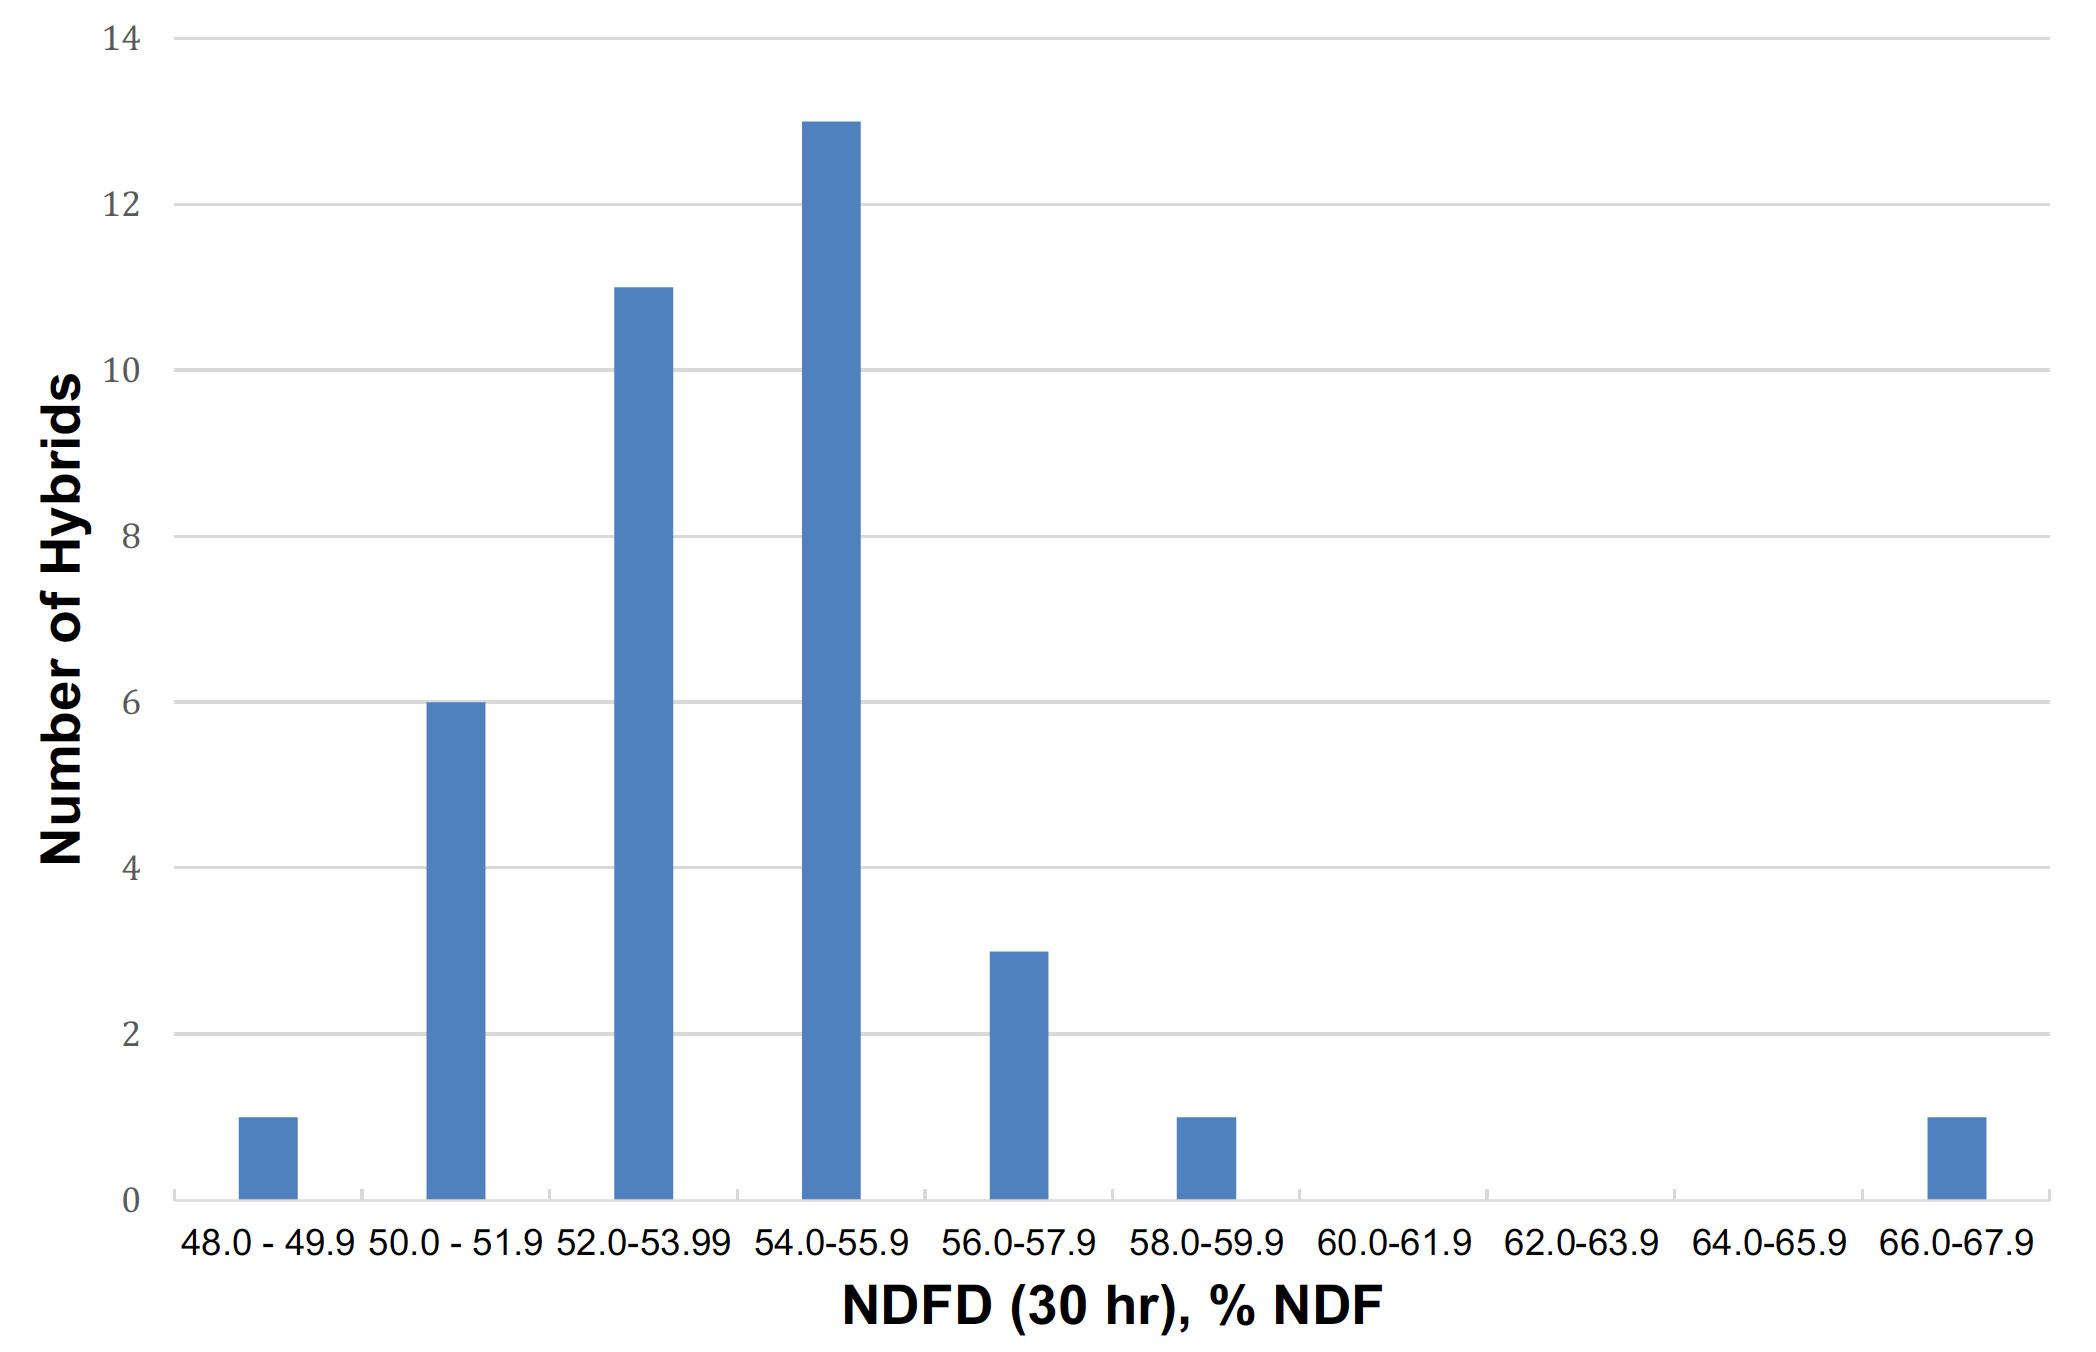 Number of Hybrids per NDFD (30 hr), % NDF: 1 at 48.0 - 49.9 ; 6 at 50.0 - 51.9; 11 at 52.0-53.99; 13 at 54.0-55.9; 3 at 56.0-57.9; 1 at 58.0-59.; and 1 at 66.0-67.9